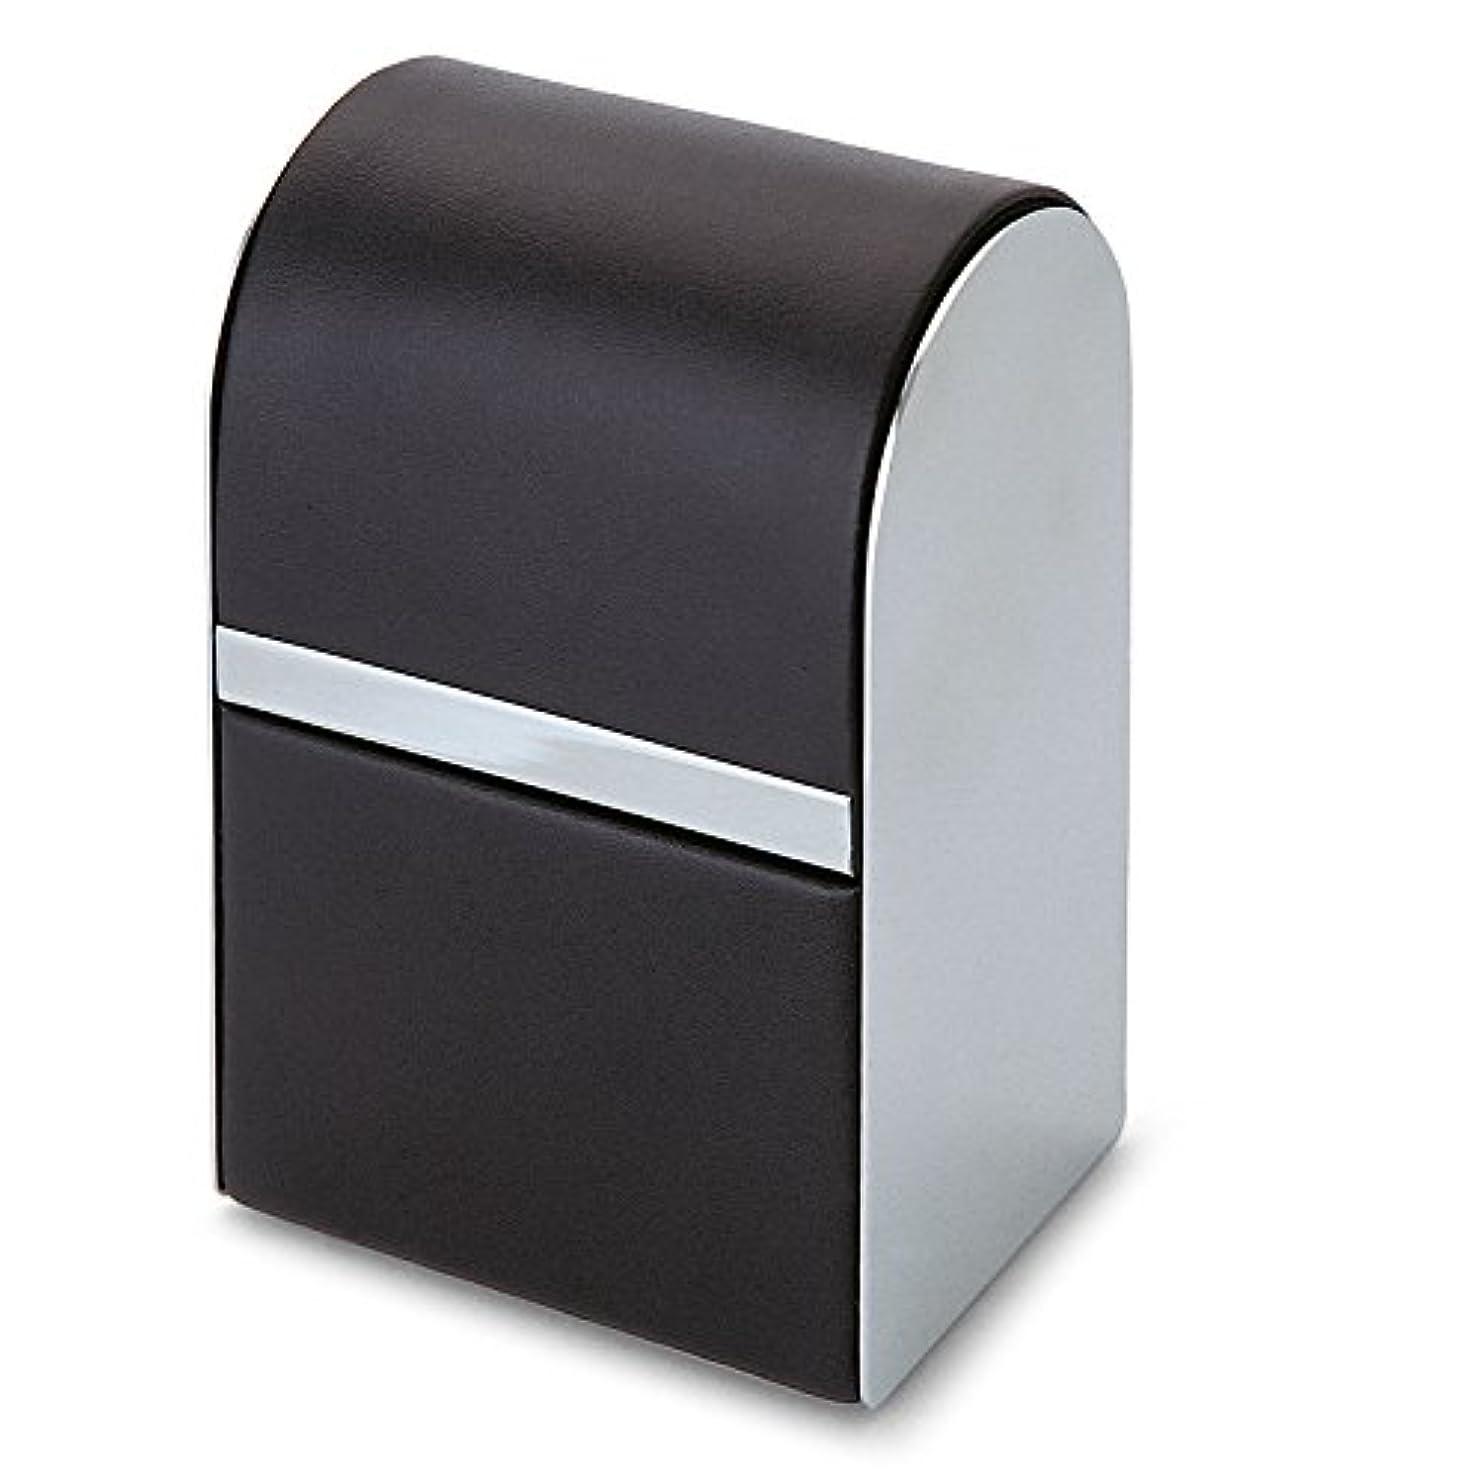 アジアクスコぺディカブPhilippi Giorgio メンズ身だしなみキット 7pcsセット leather stainless polished